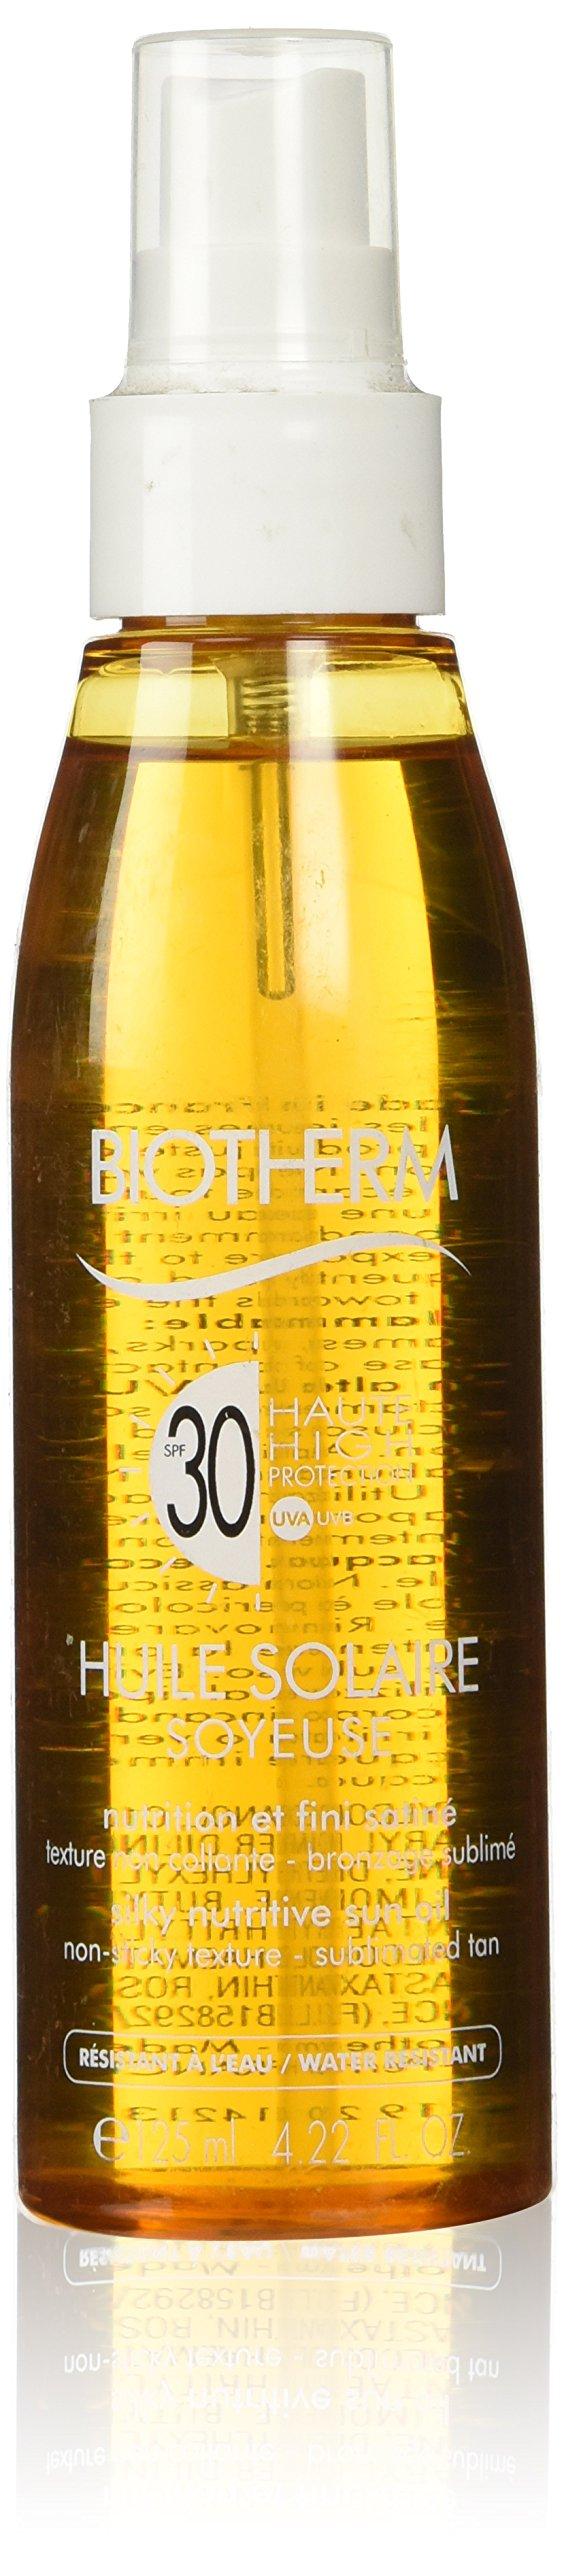 Biotherm Huile Solaire Soyeuse SPF 30 Silky Nutritive Sun Oil, 4.22 Ounce